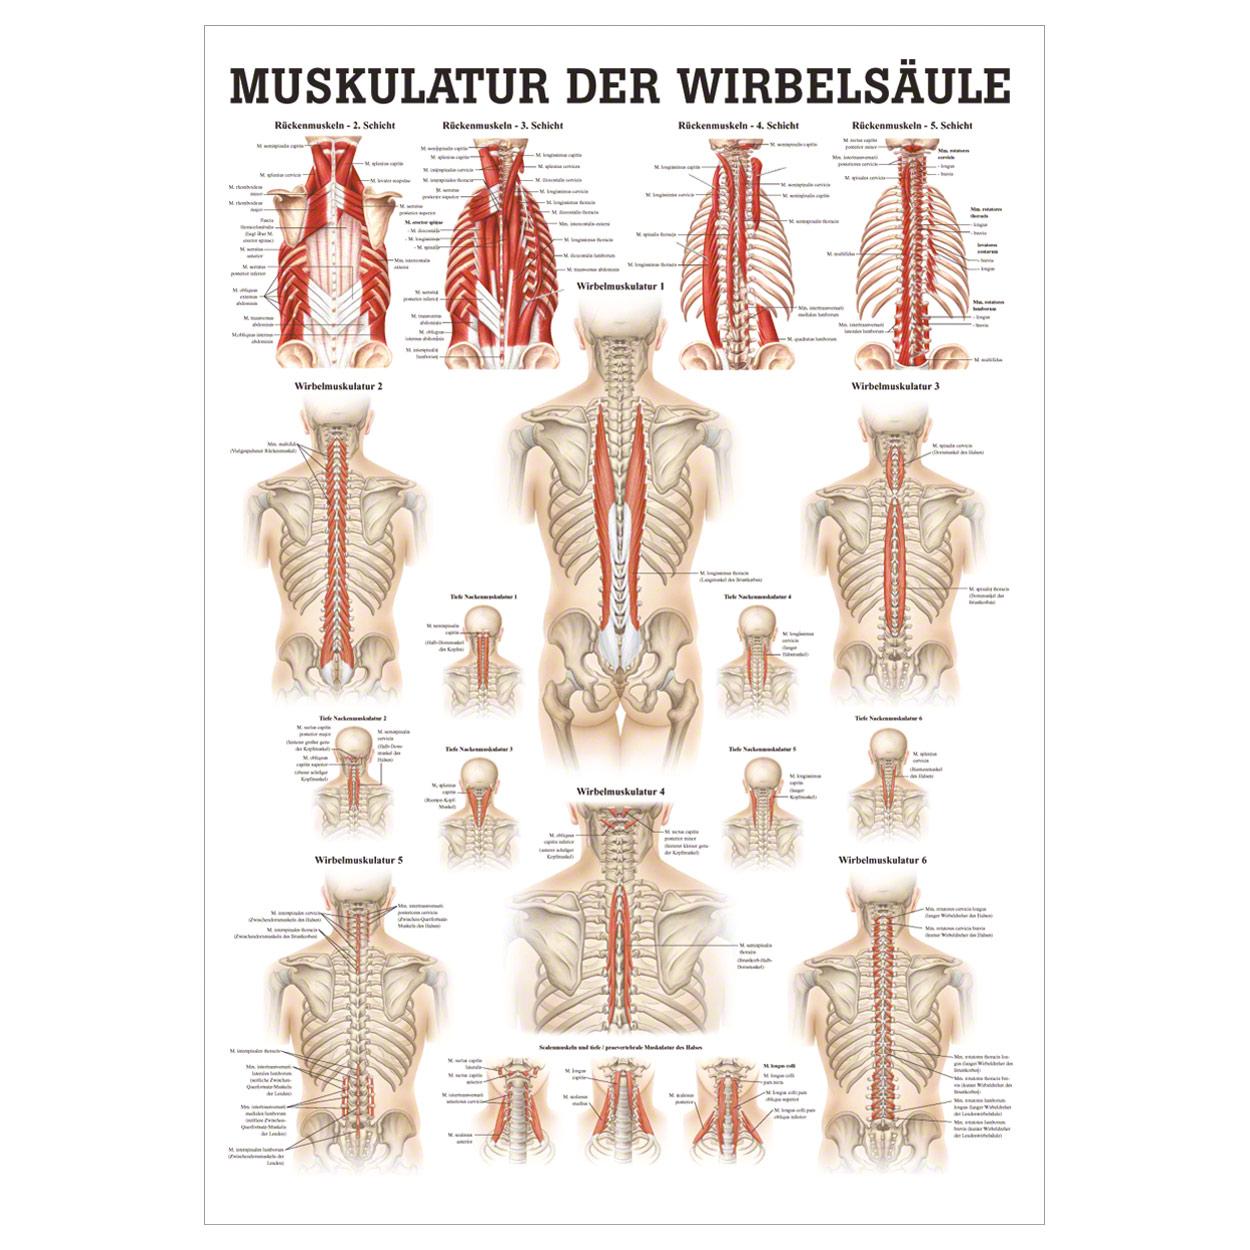 Muskulatur der Wirbelsäule Mini-Poster Anatomie 34x24 cm ...